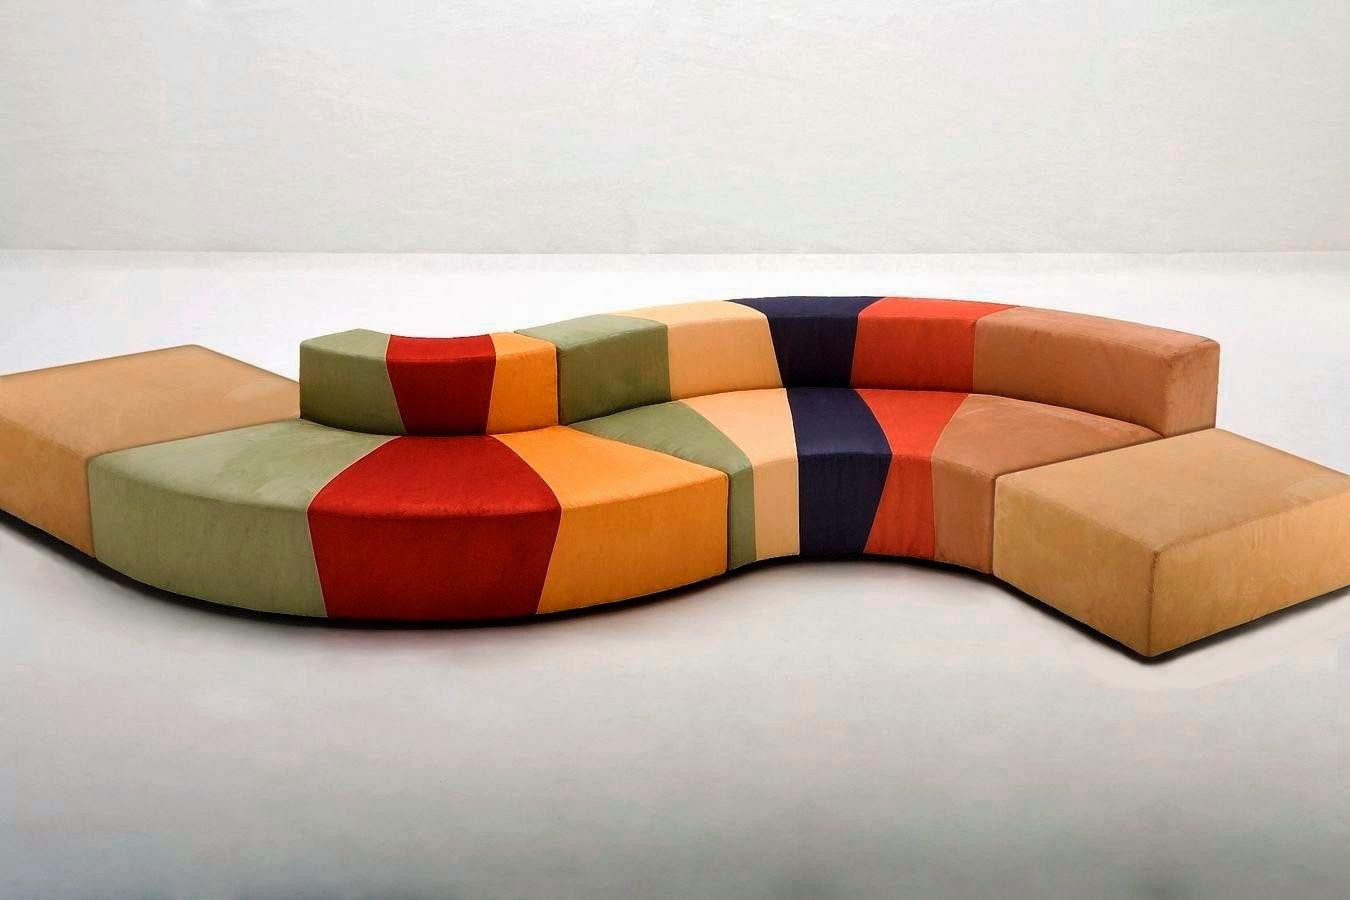 Beruhmte Moderne Mobel Designer Loungemobel Loungemobel